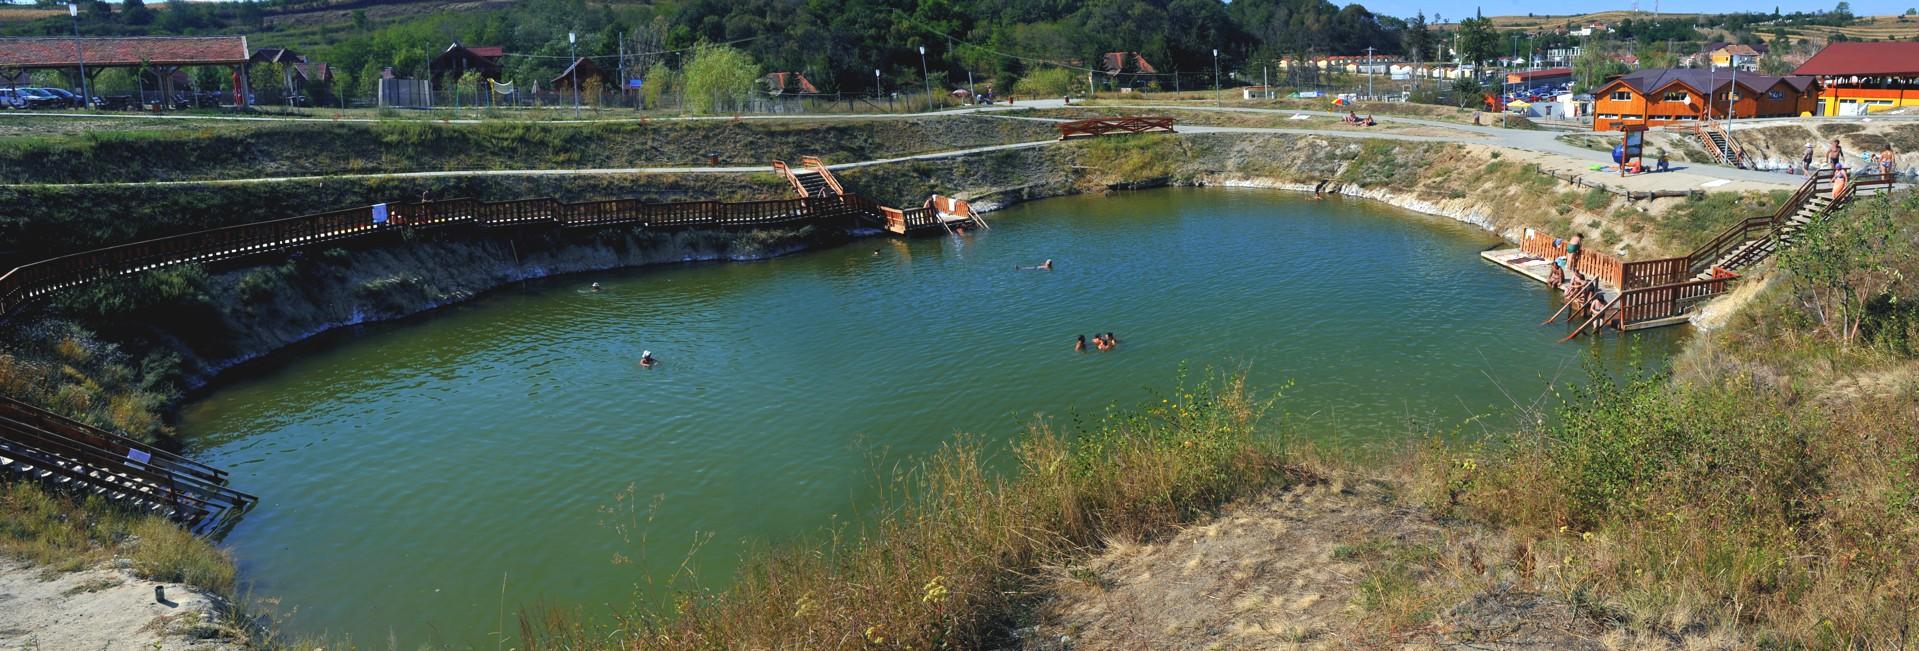 Viziteaza Lacurile de la Ocna Sibiului